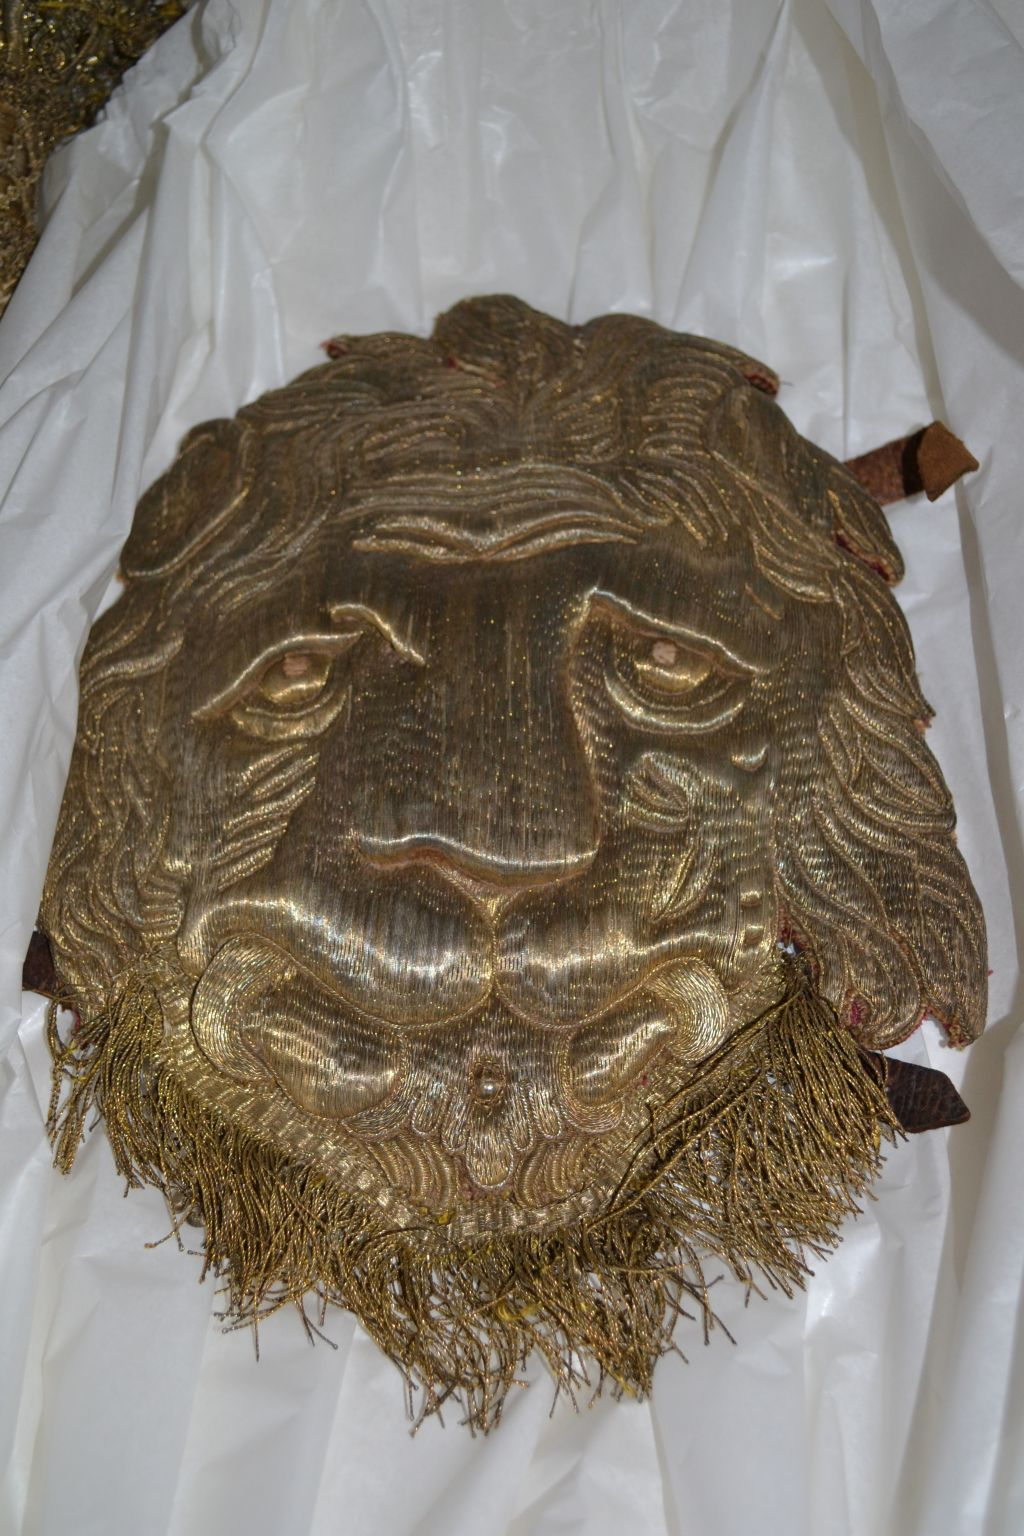 Löwenmaske vom Schellengeläut des Kurfürsten und späteren Kaisers Karl VII Albrecht